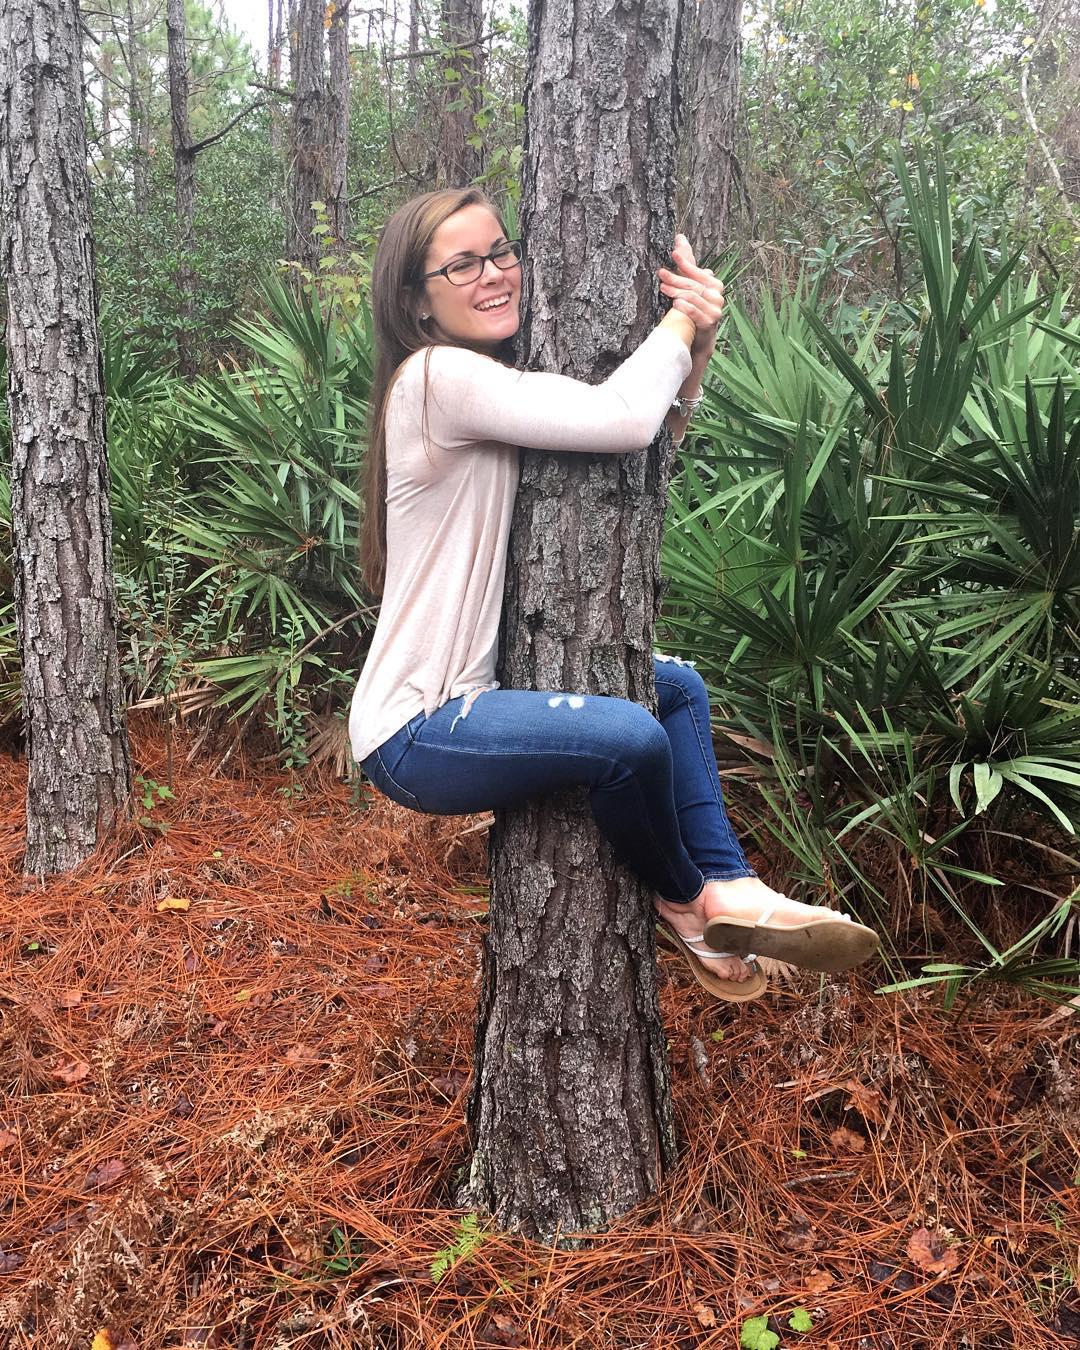 PSBR-La-ragazza-abbraccia-albero-0